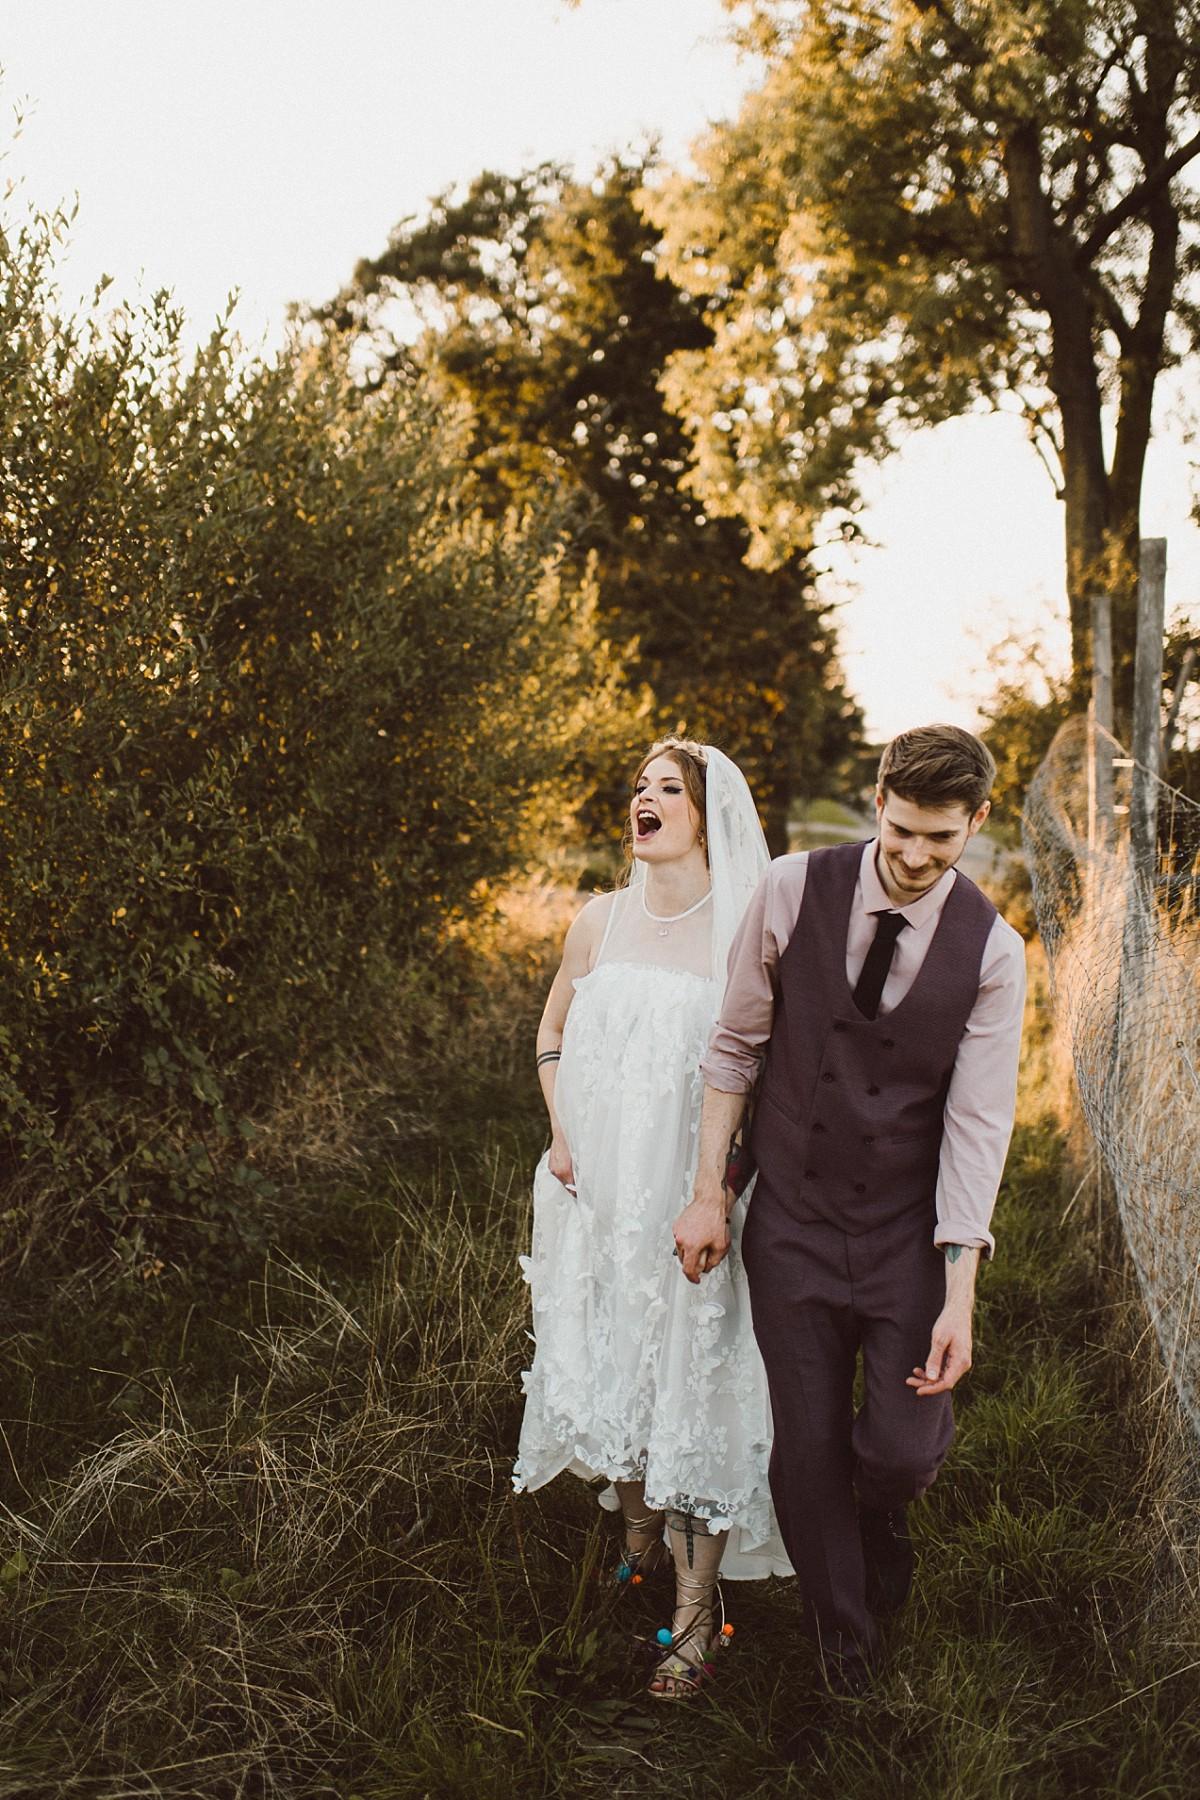 bride laughing while walking